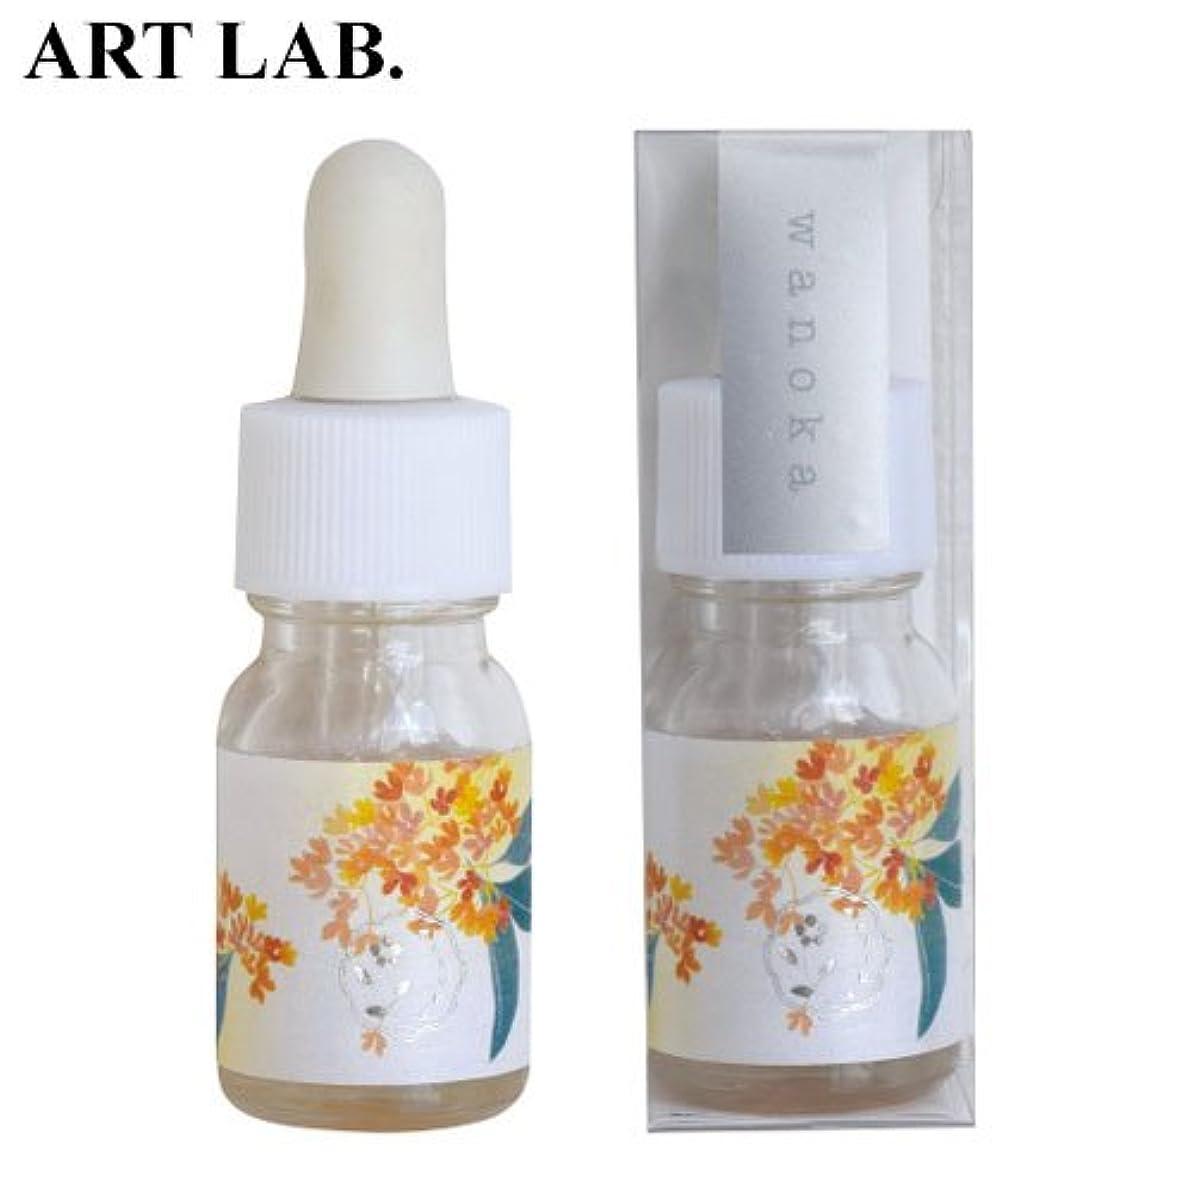 敏感なペネロペアサートwanoka香油アロマオイル金木犀《果実のような甘い香り》ART LABAromatic oil